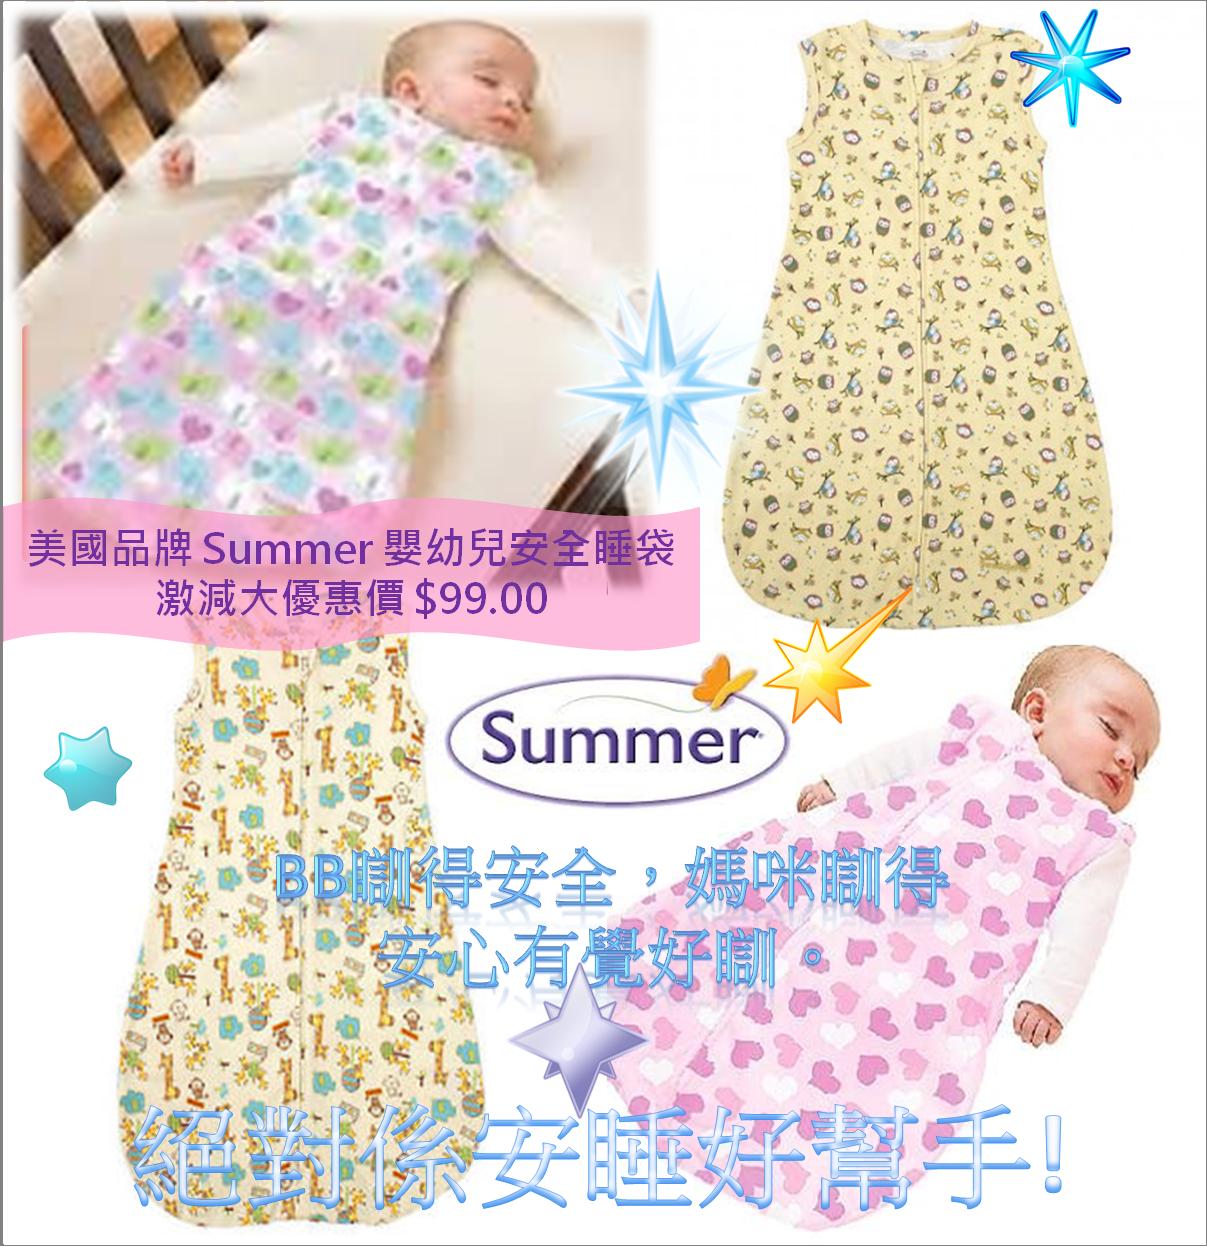 秋冬季優惠激減Summer安睡袋$99.00